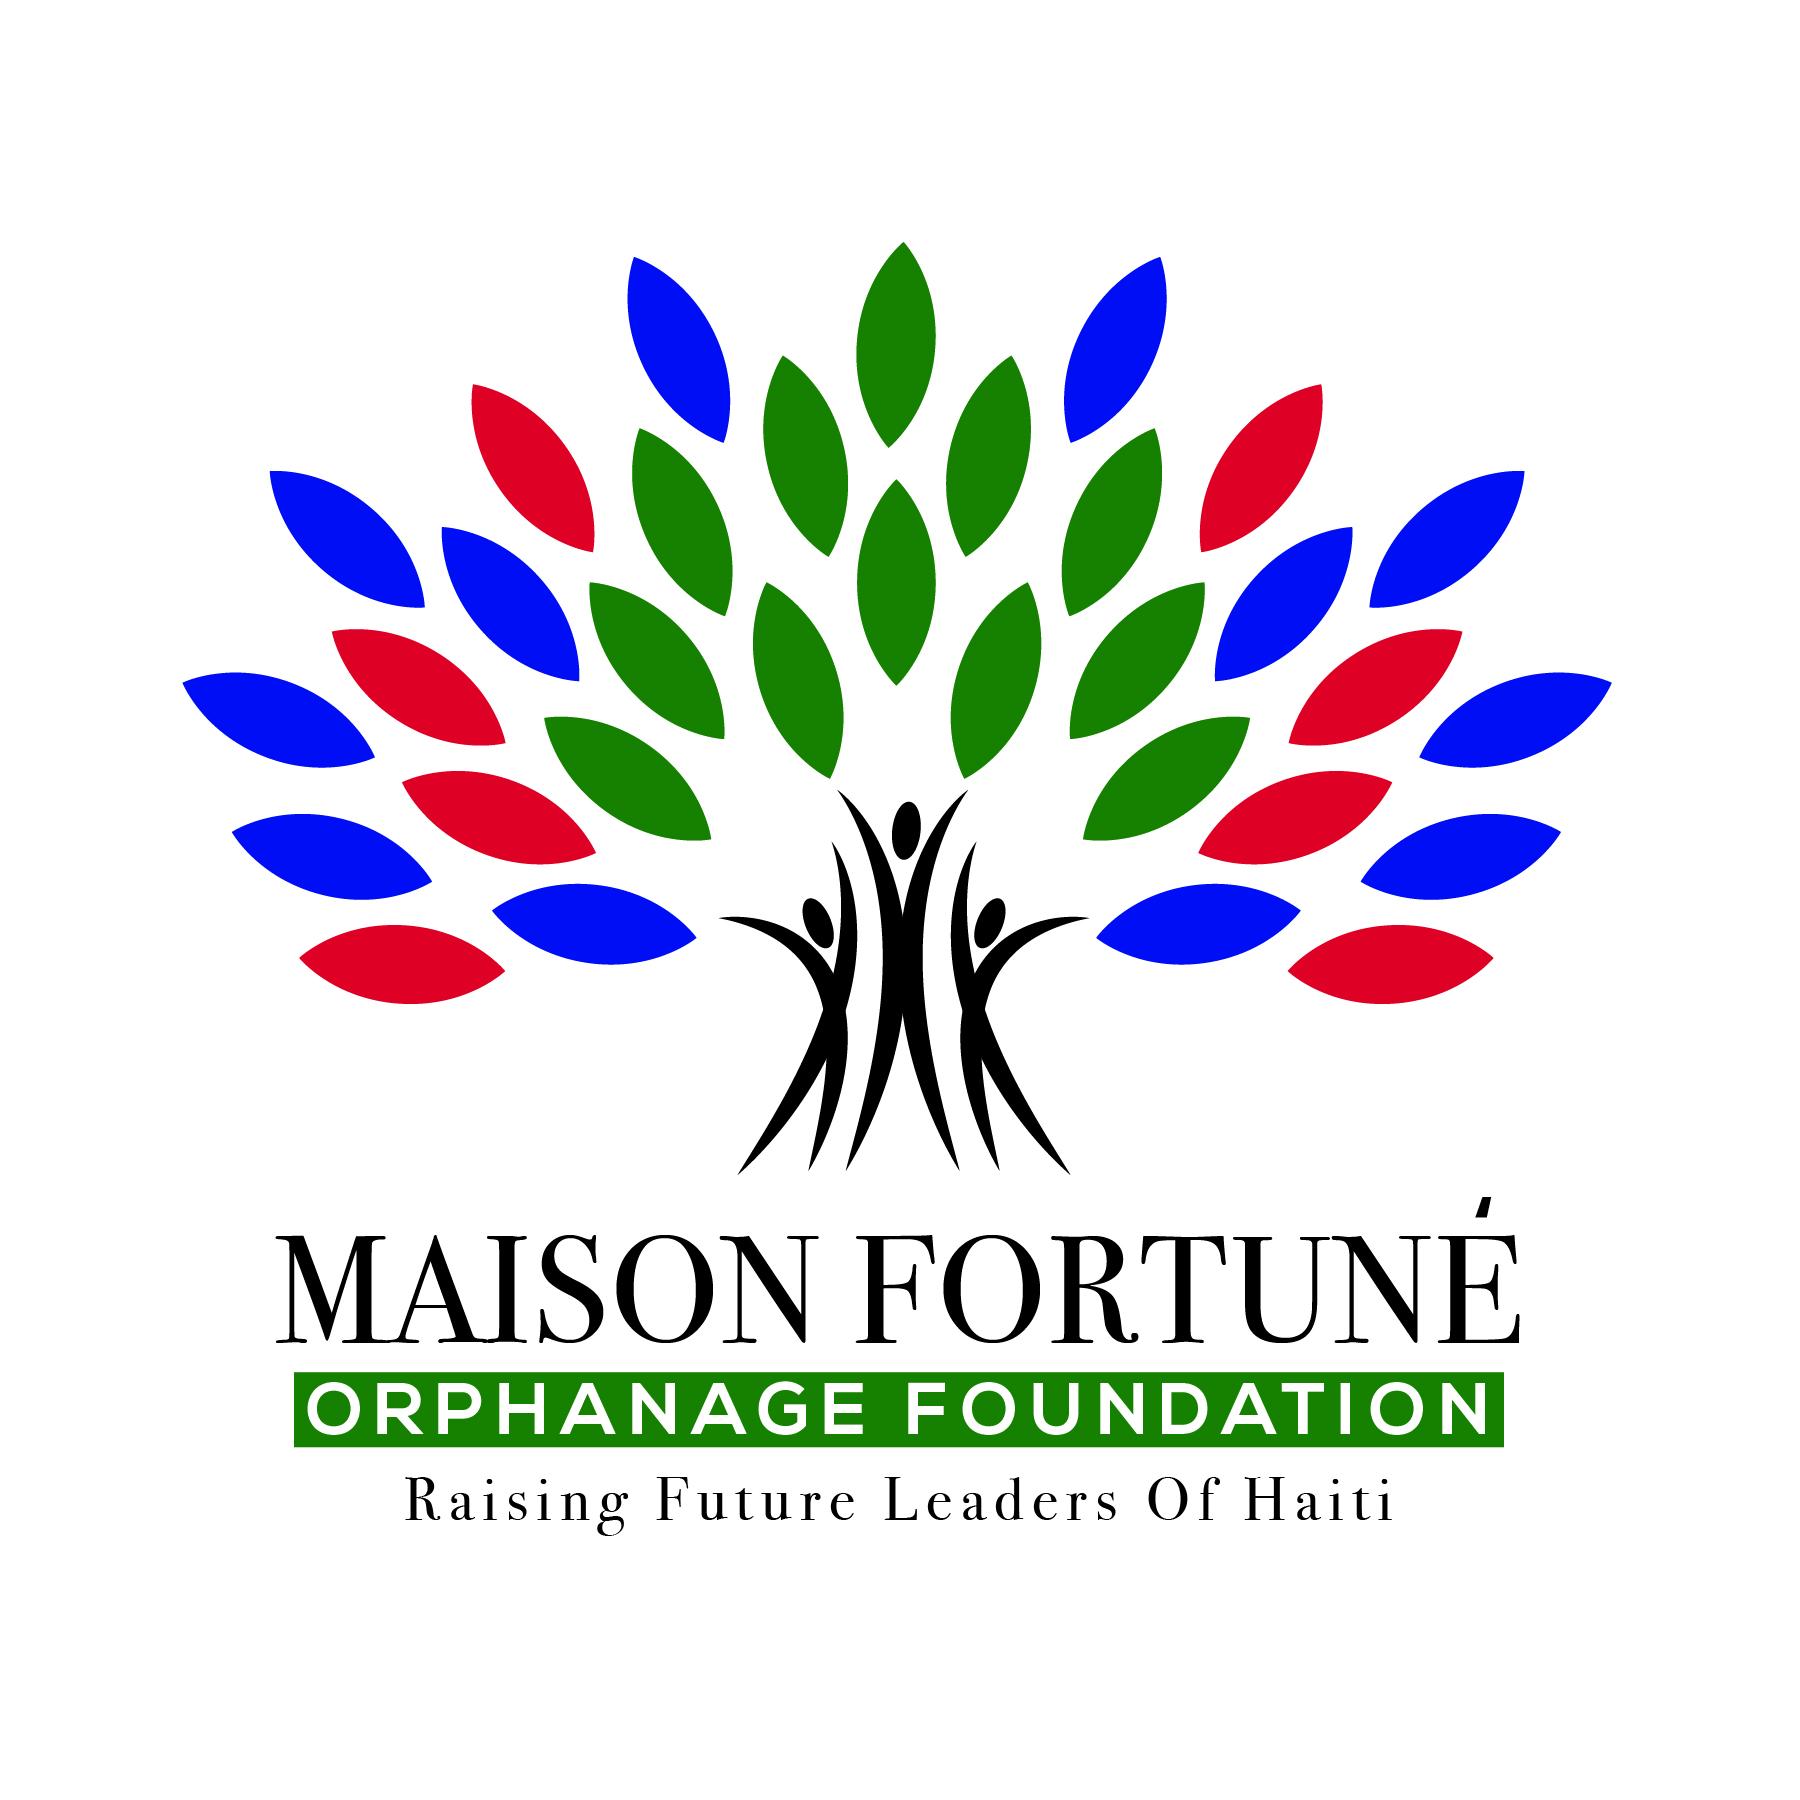 MFOF_4C-Logo-01.jpg